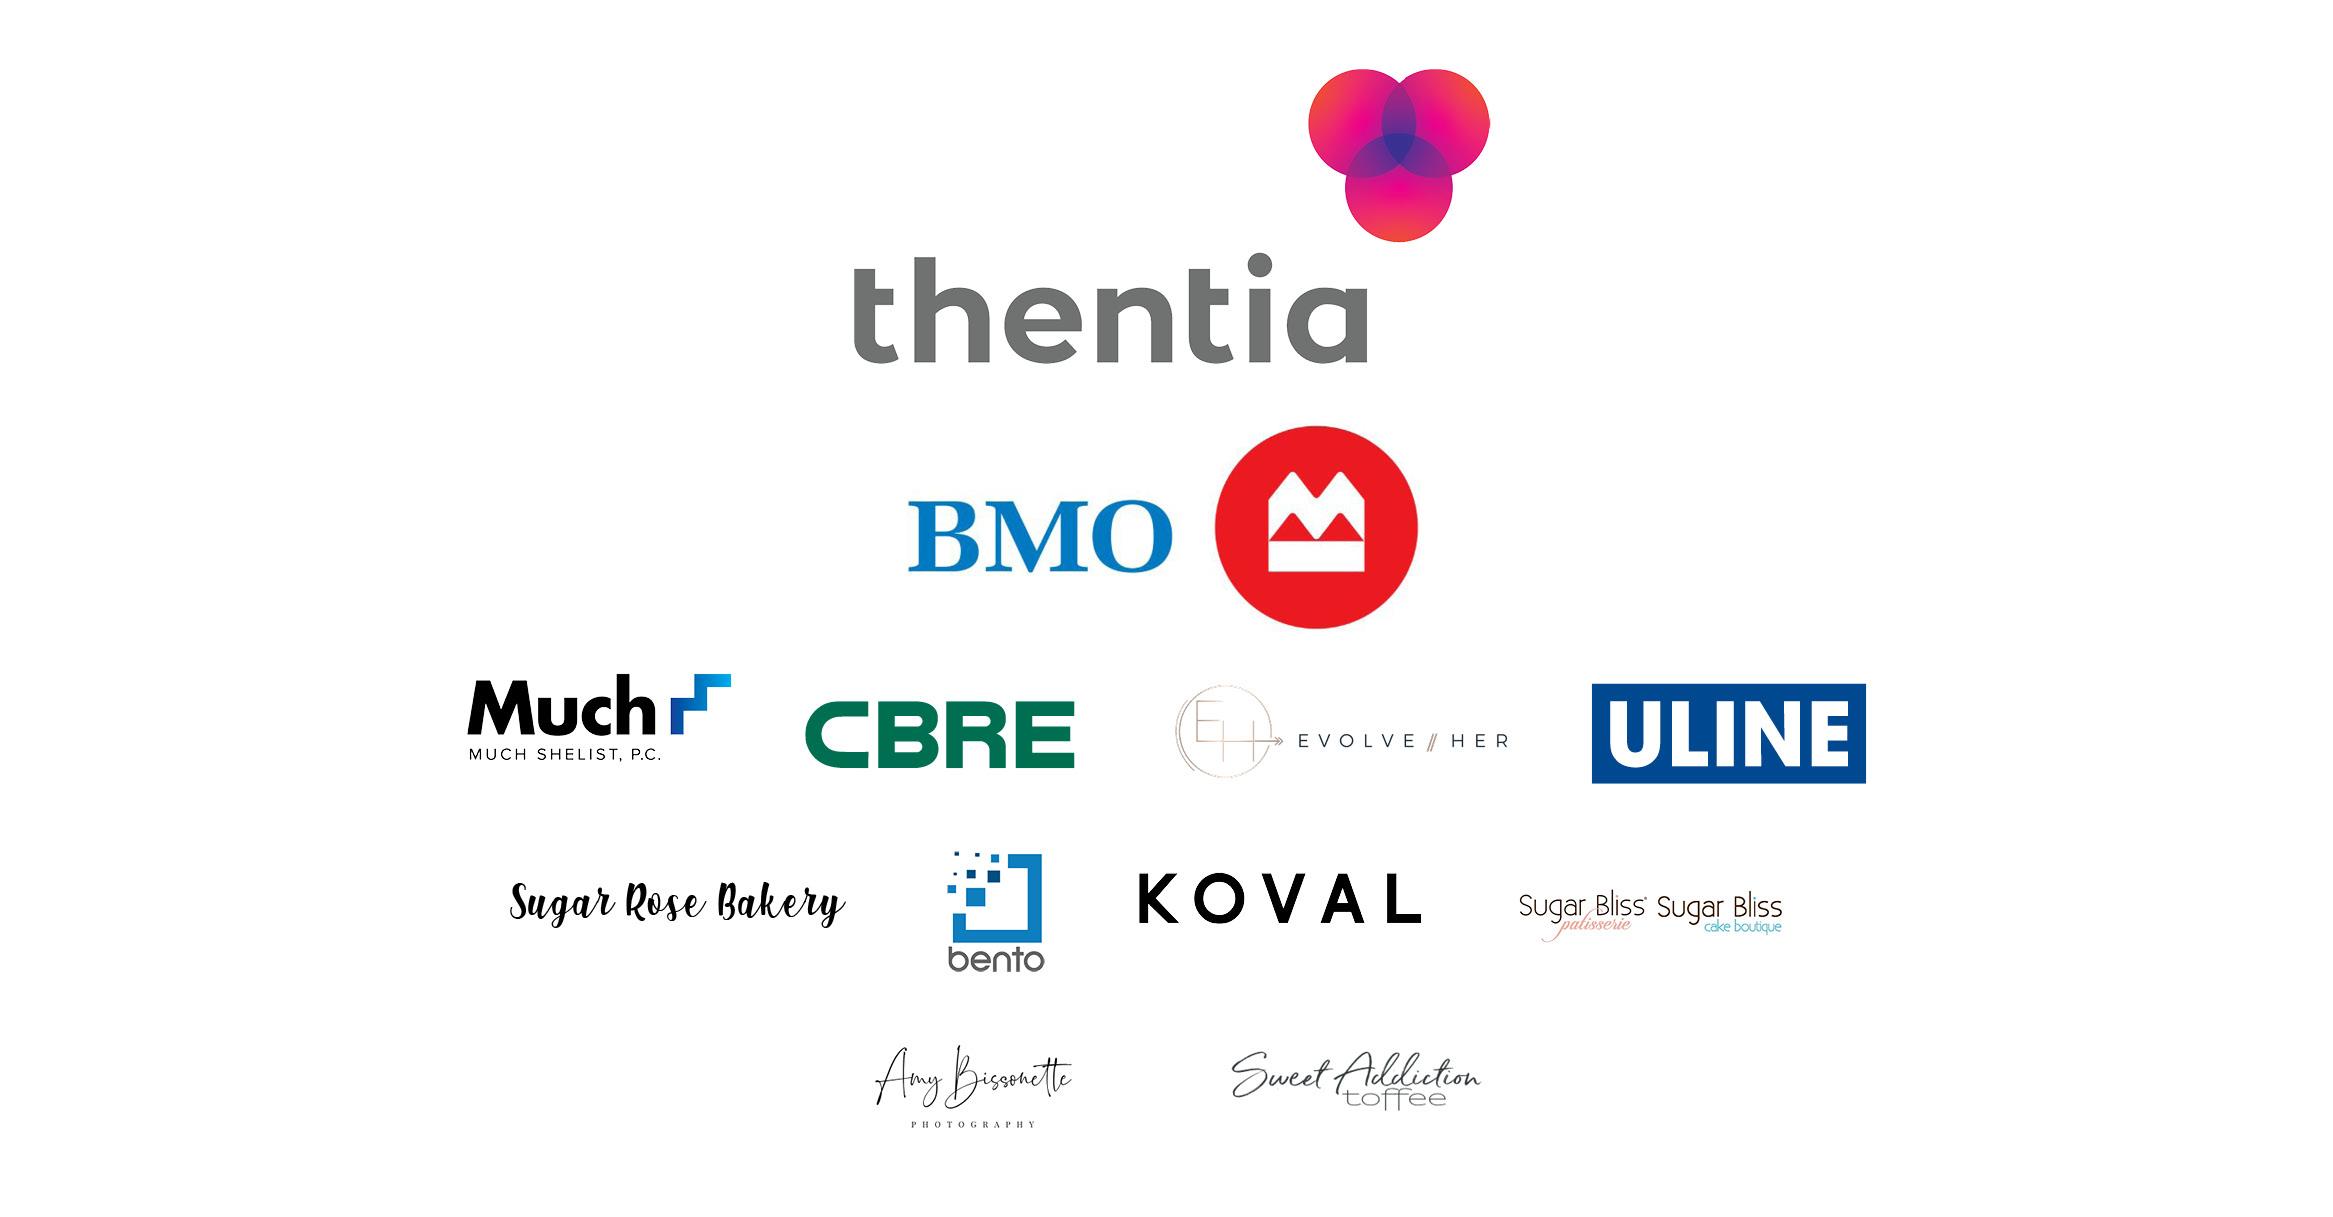 Chicago_Angel Investing_Femmebought_Graphics_July2019-sponsors-website.jpg